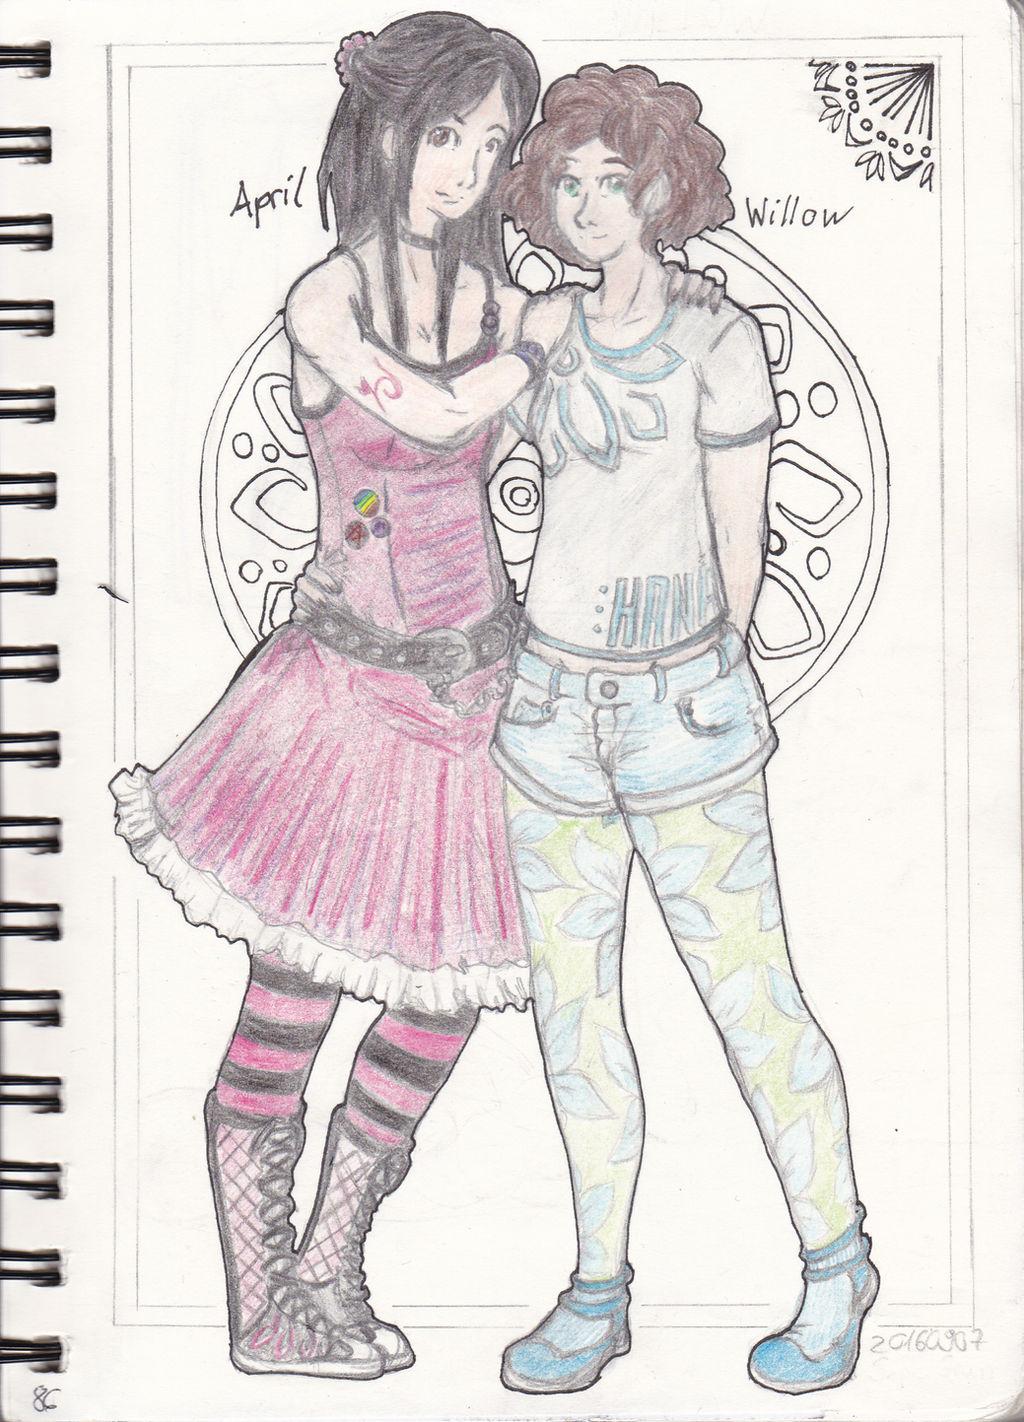 Willow und April by Sephigruen